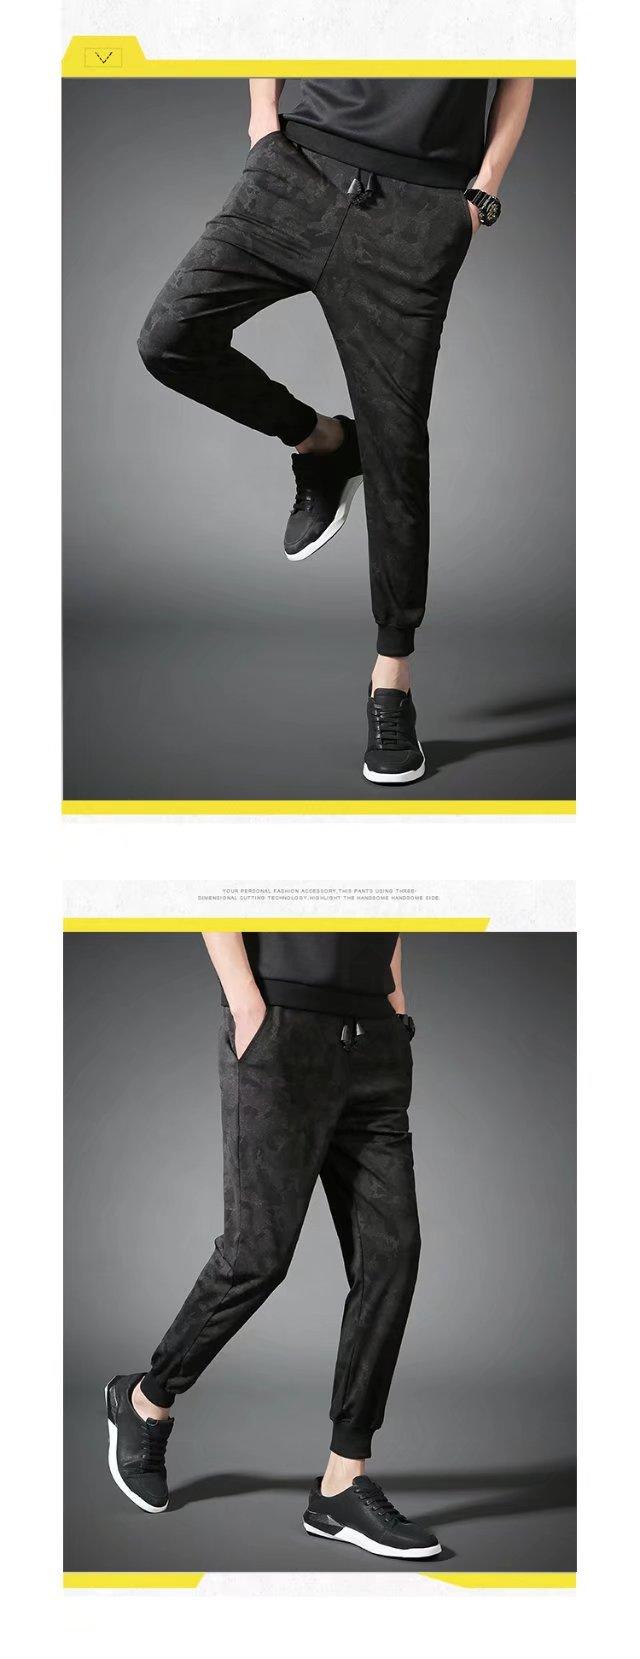 Nam quần âu nam lỏng lẻo kích thước lớn bó sát mùa hè phần mỏng xu hướng công việc màu đen chùm quần harem quần nam